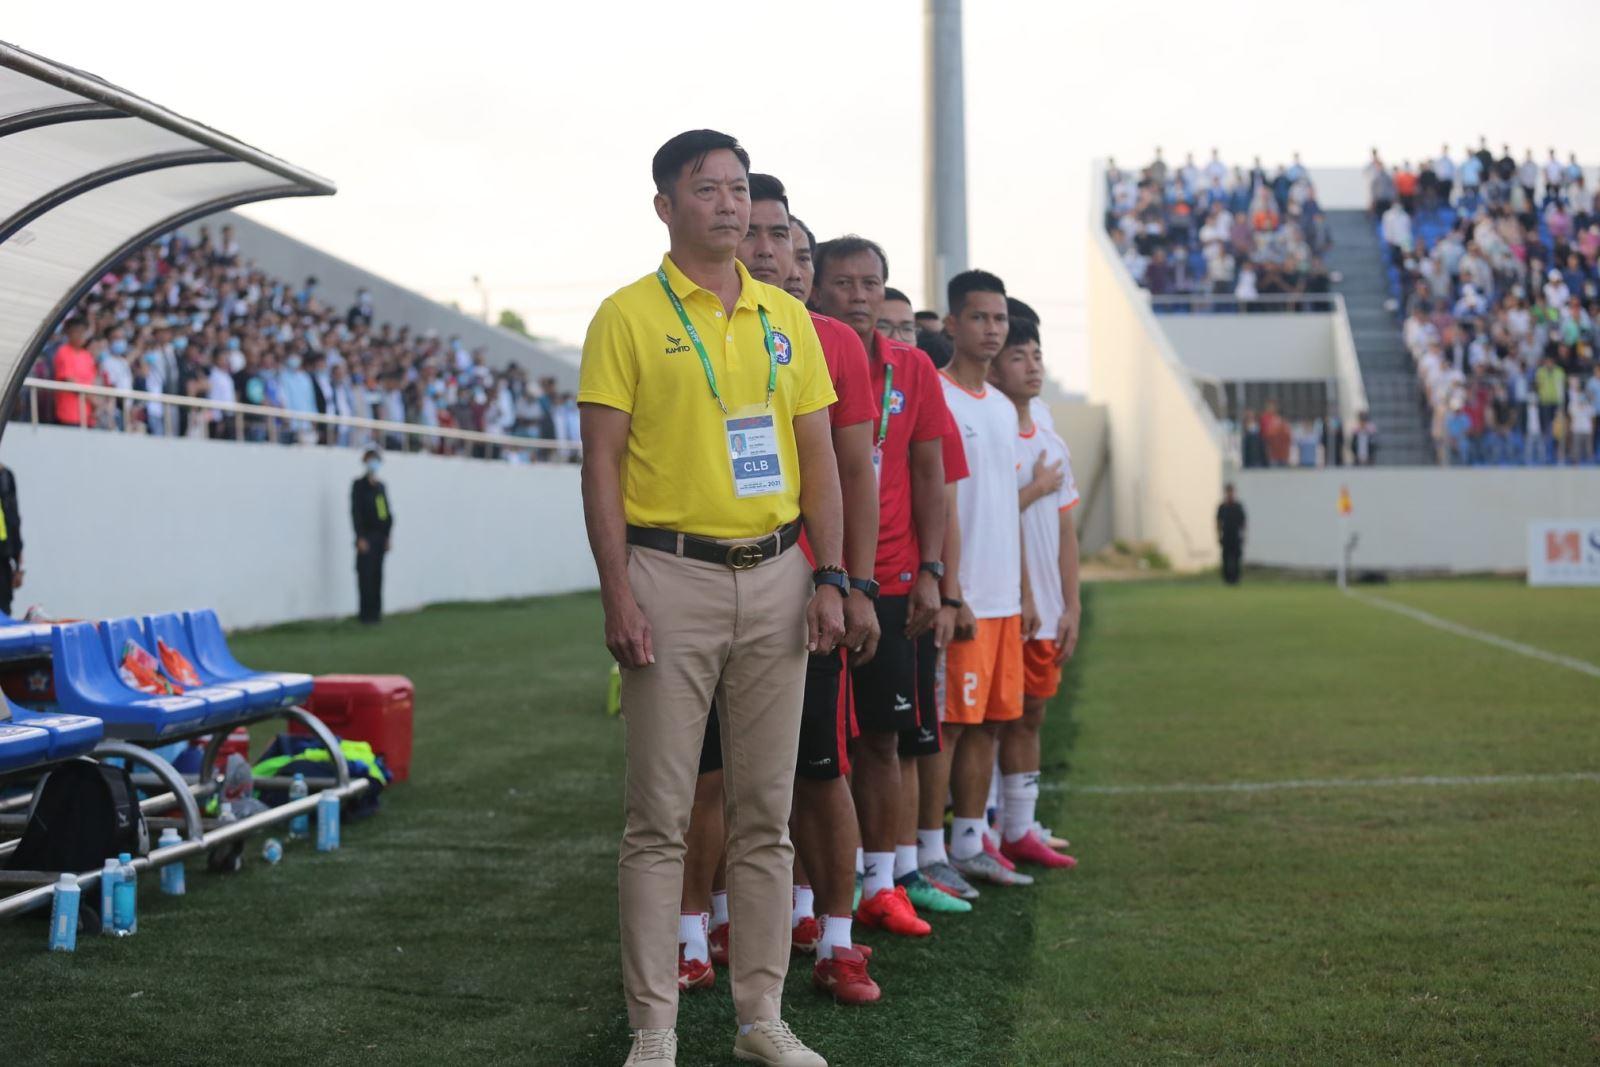 Lê Huỳnh Đức, TPHCM, Lee Nguyễn, bóng đá, bóng đá hôm nay, bóng đá Việt Nam, tin tức bóng đá